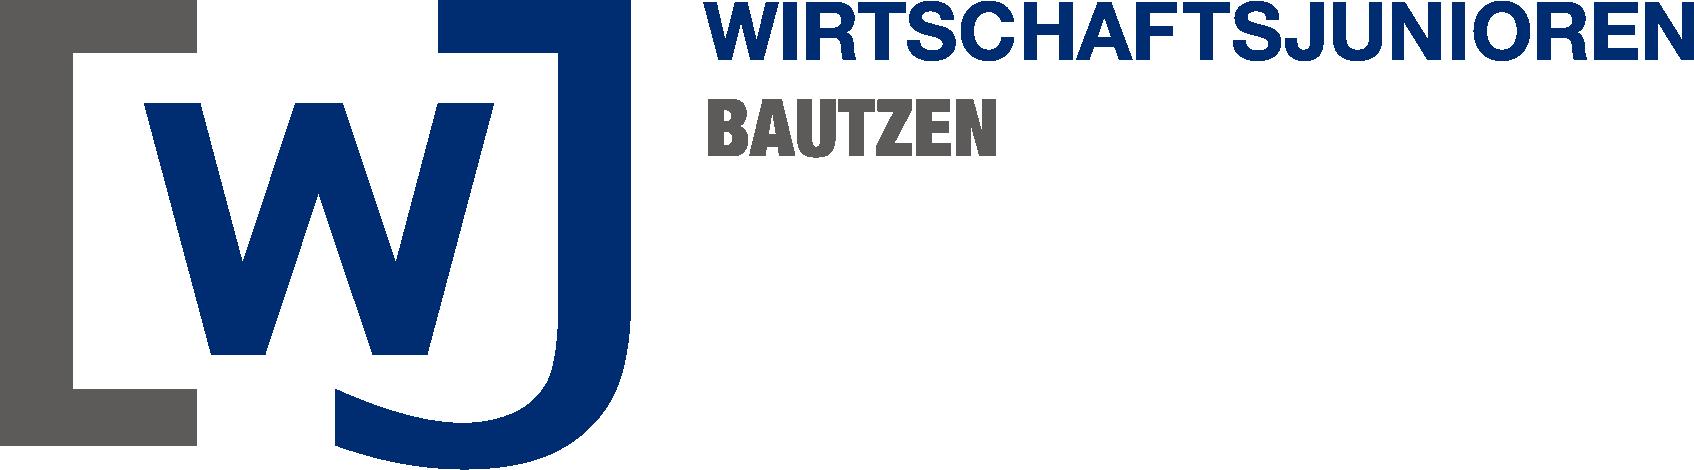 Wirtschaftsjinioren Bautzen